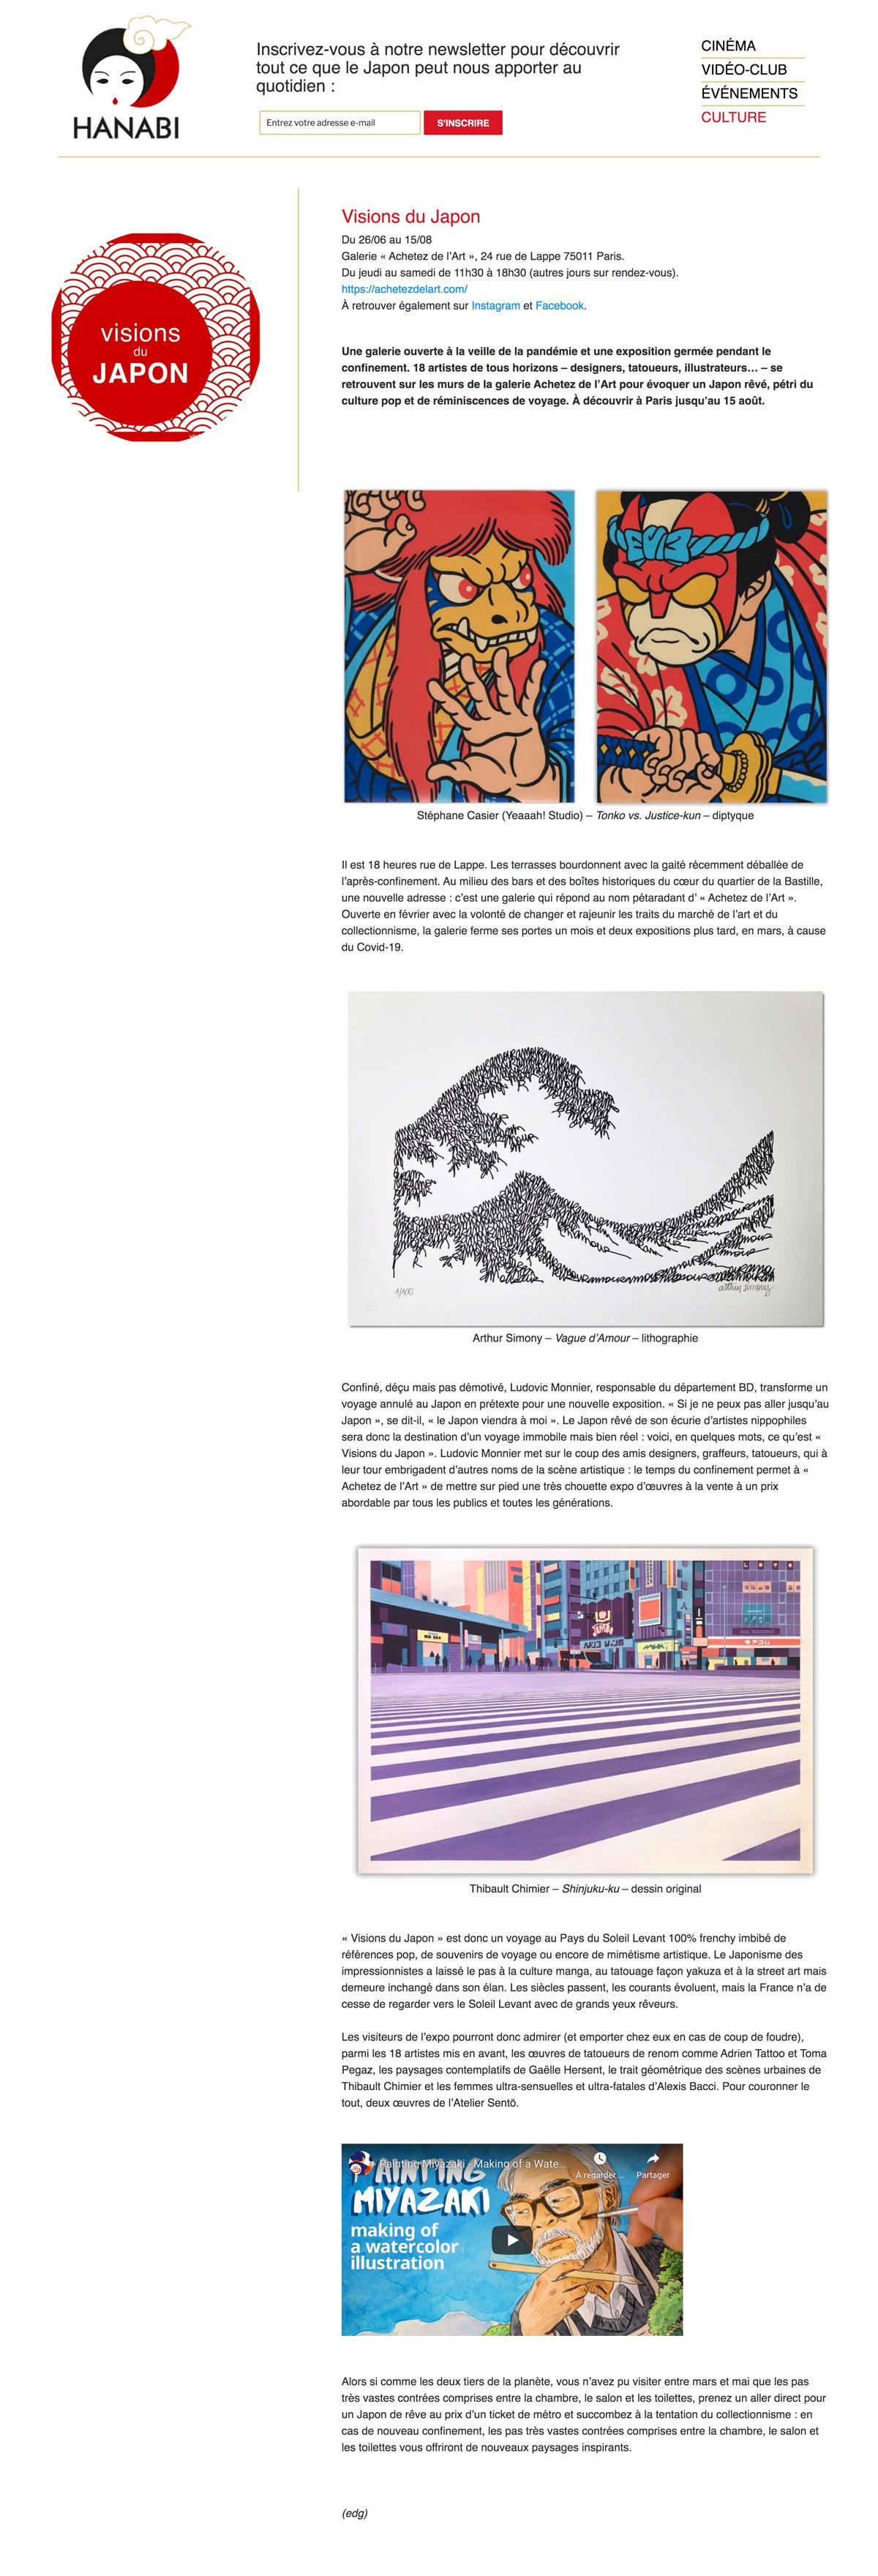 L'exposition Visions du Japon vue par Hanabi